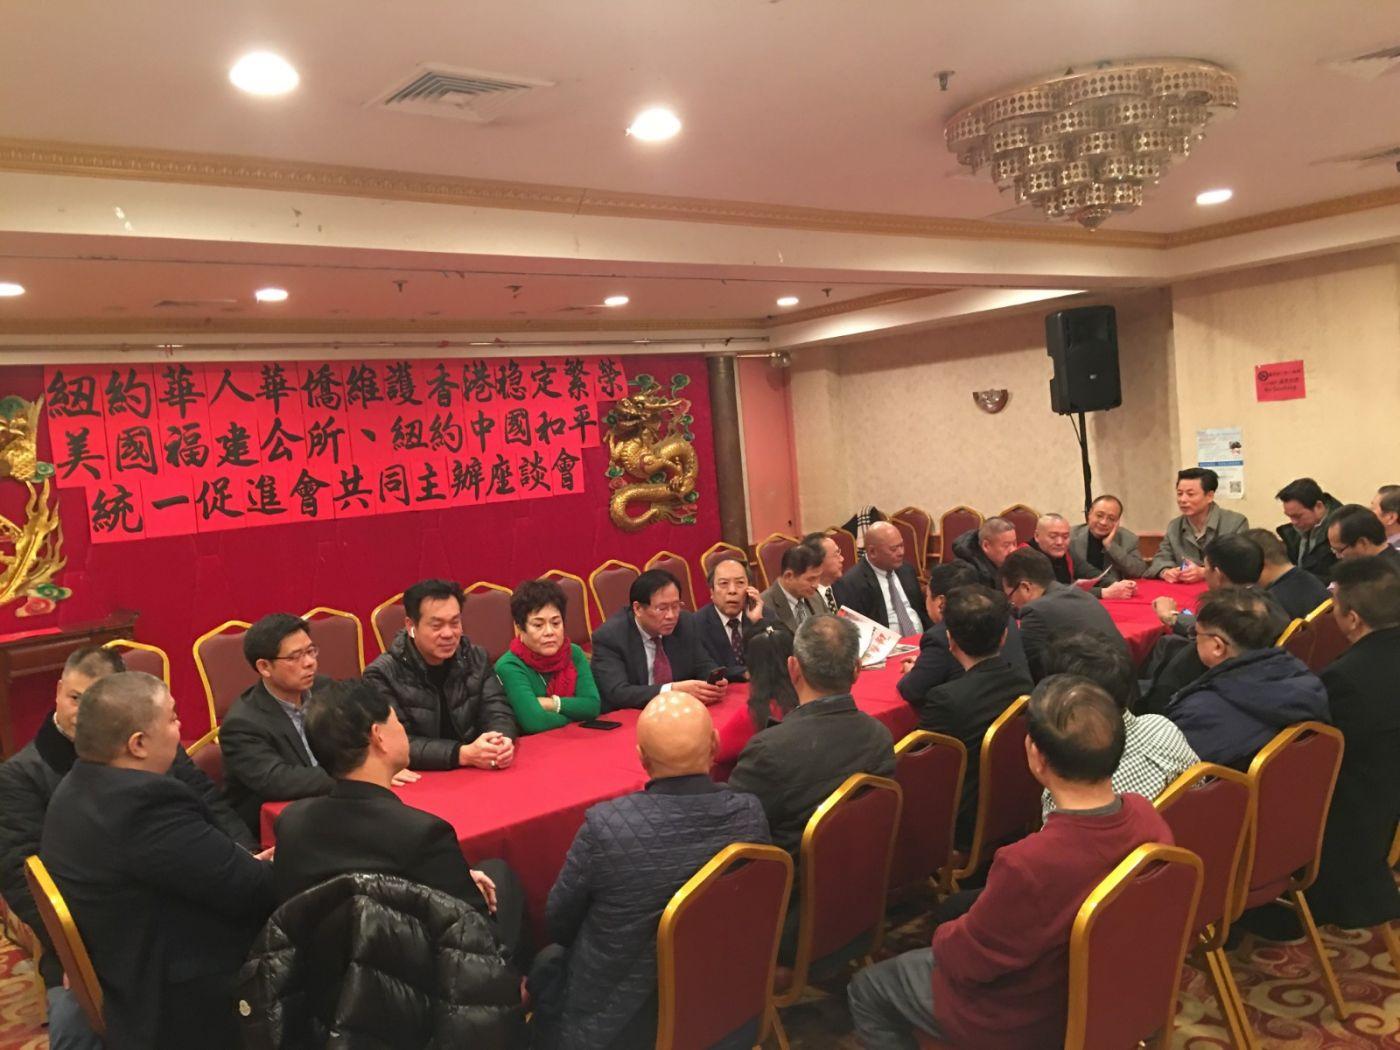 紐約華人華僑維護香港穩定繁榮座談會在紐約舉行_图1-5